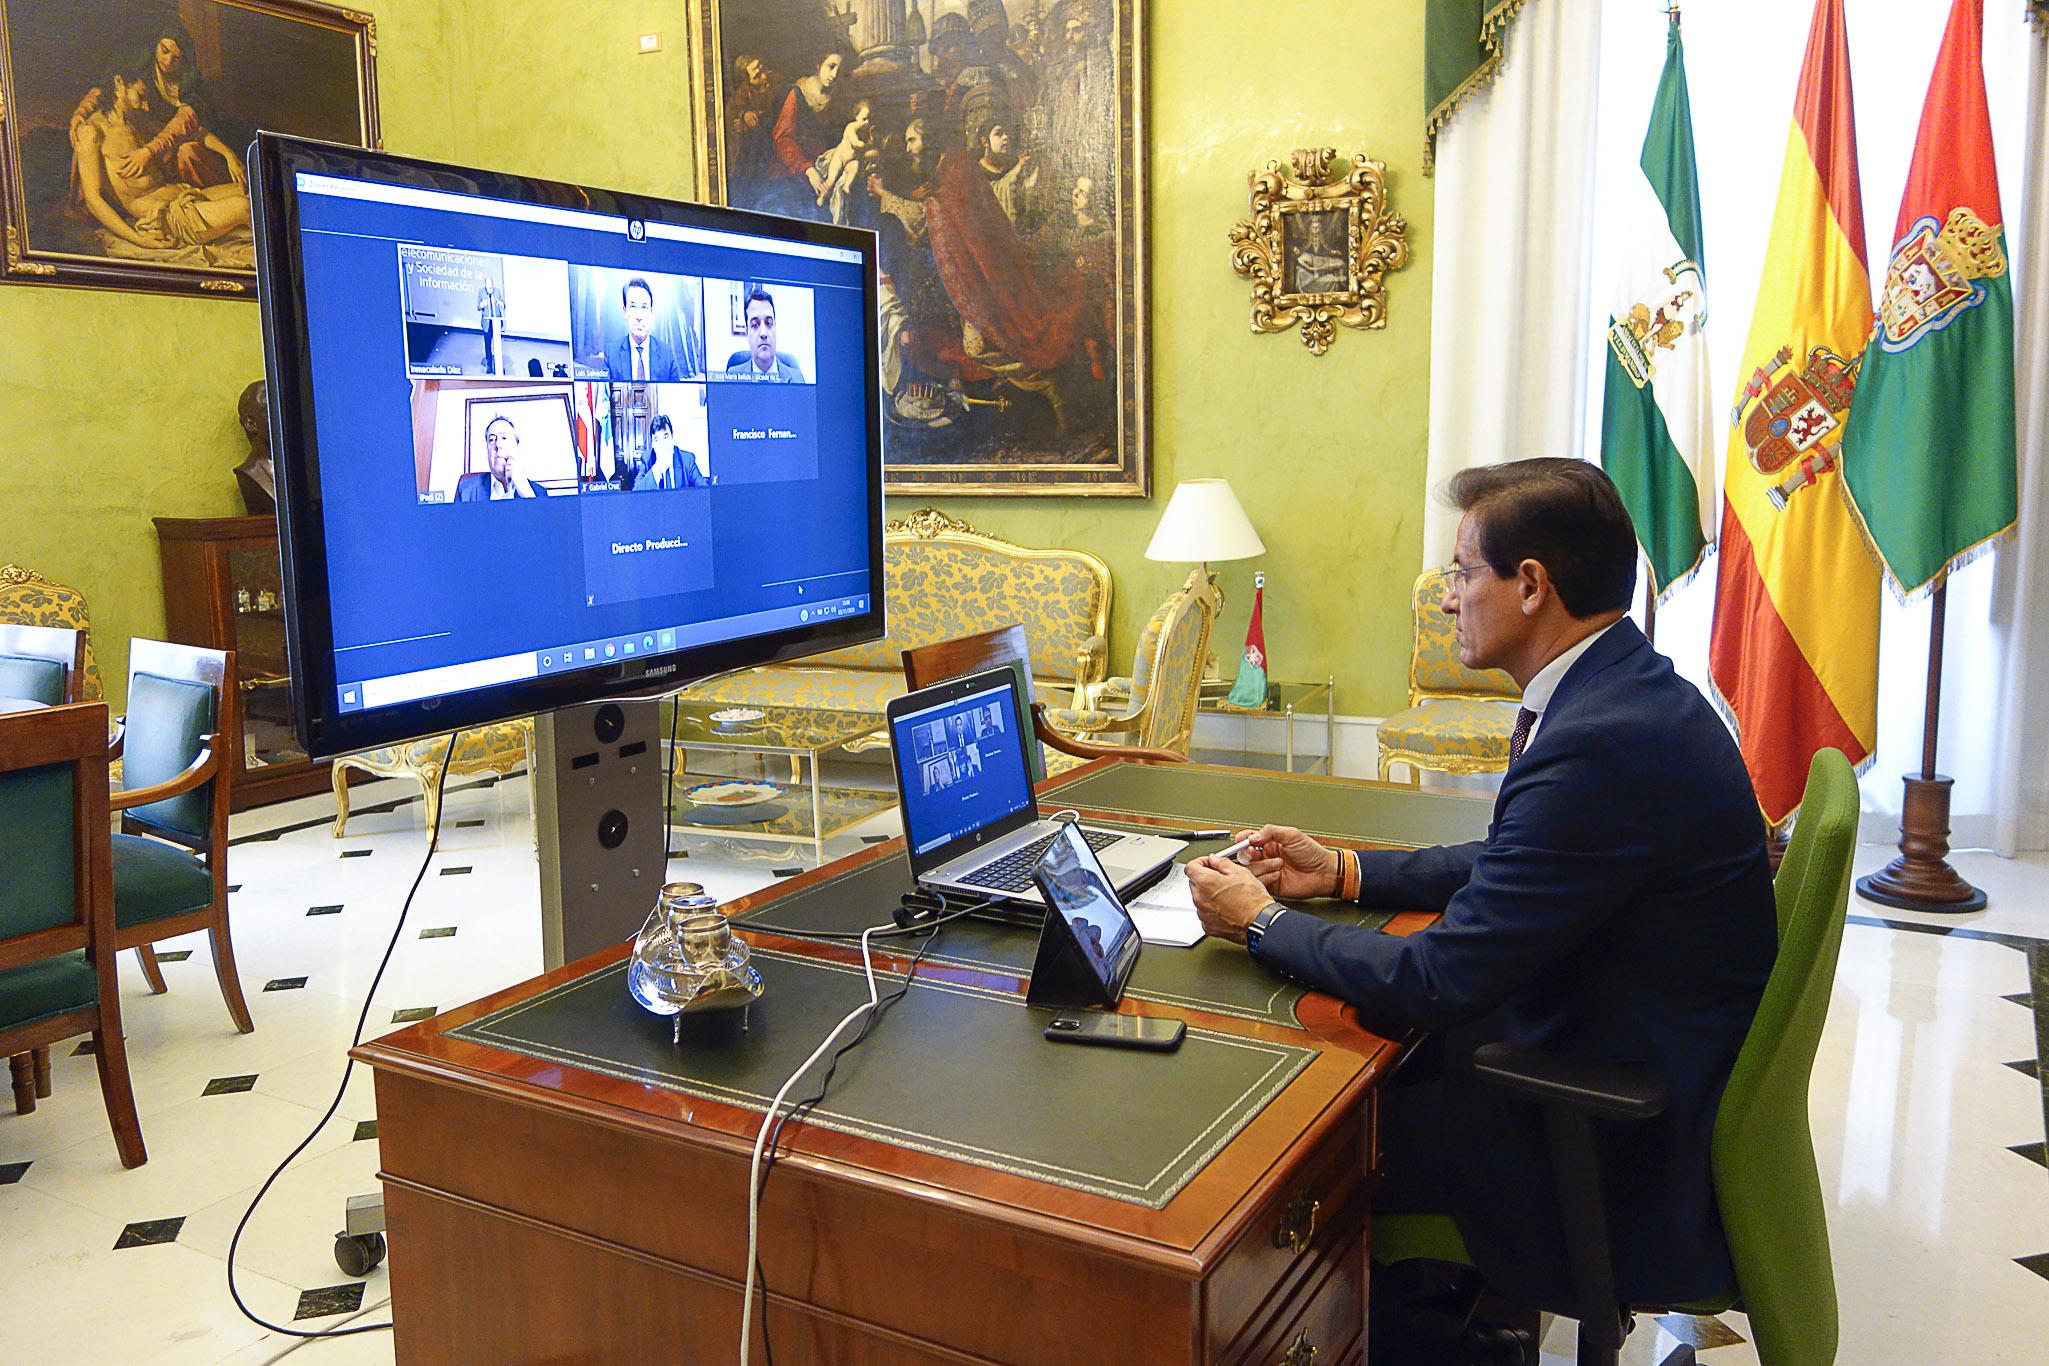 Luis Salvador aboga por ciudades inteligentes que permitan mejorar los servicios al ciudadano